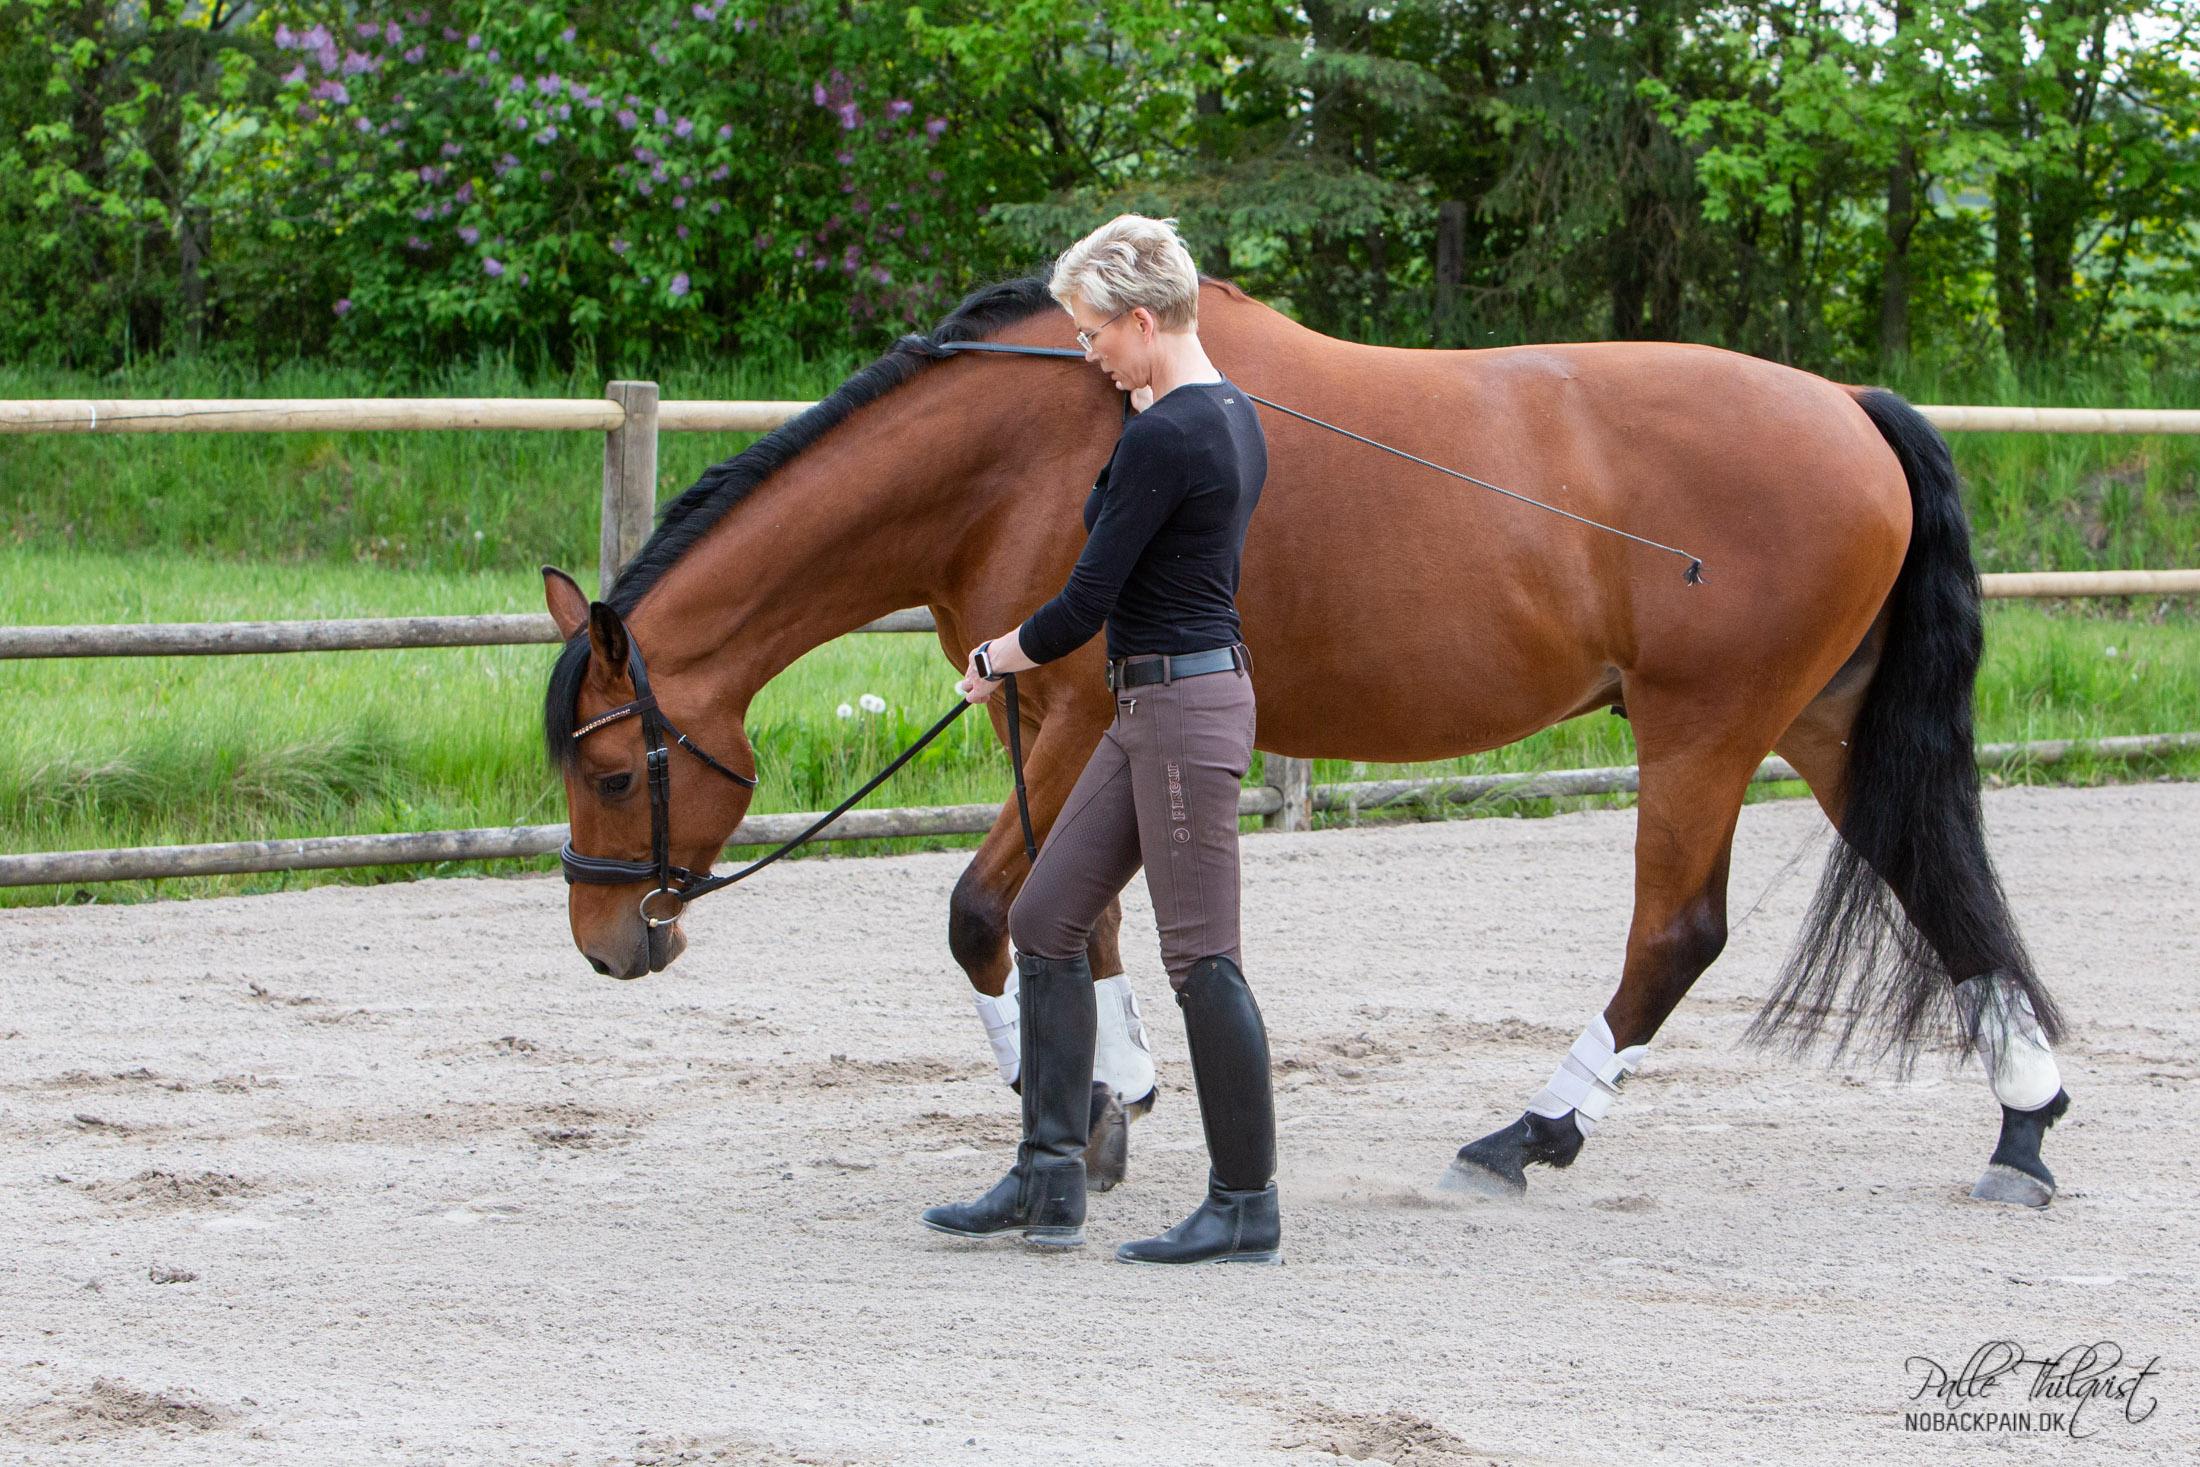 Formålet med at få hesten til at træde ind under tyngdepunktet er at få den til at strække hele sin overlinje. Hesten vil nu begynde at sænke hoved og hals ned og frem. Dette sker når man finder den rette kombination af fremdrift, indundertrædning og afslappethed. Det er her det for mange bliver lidt svært, men jeg skal prøve at forklare, så godt som muligt hvad det er jeg gør.